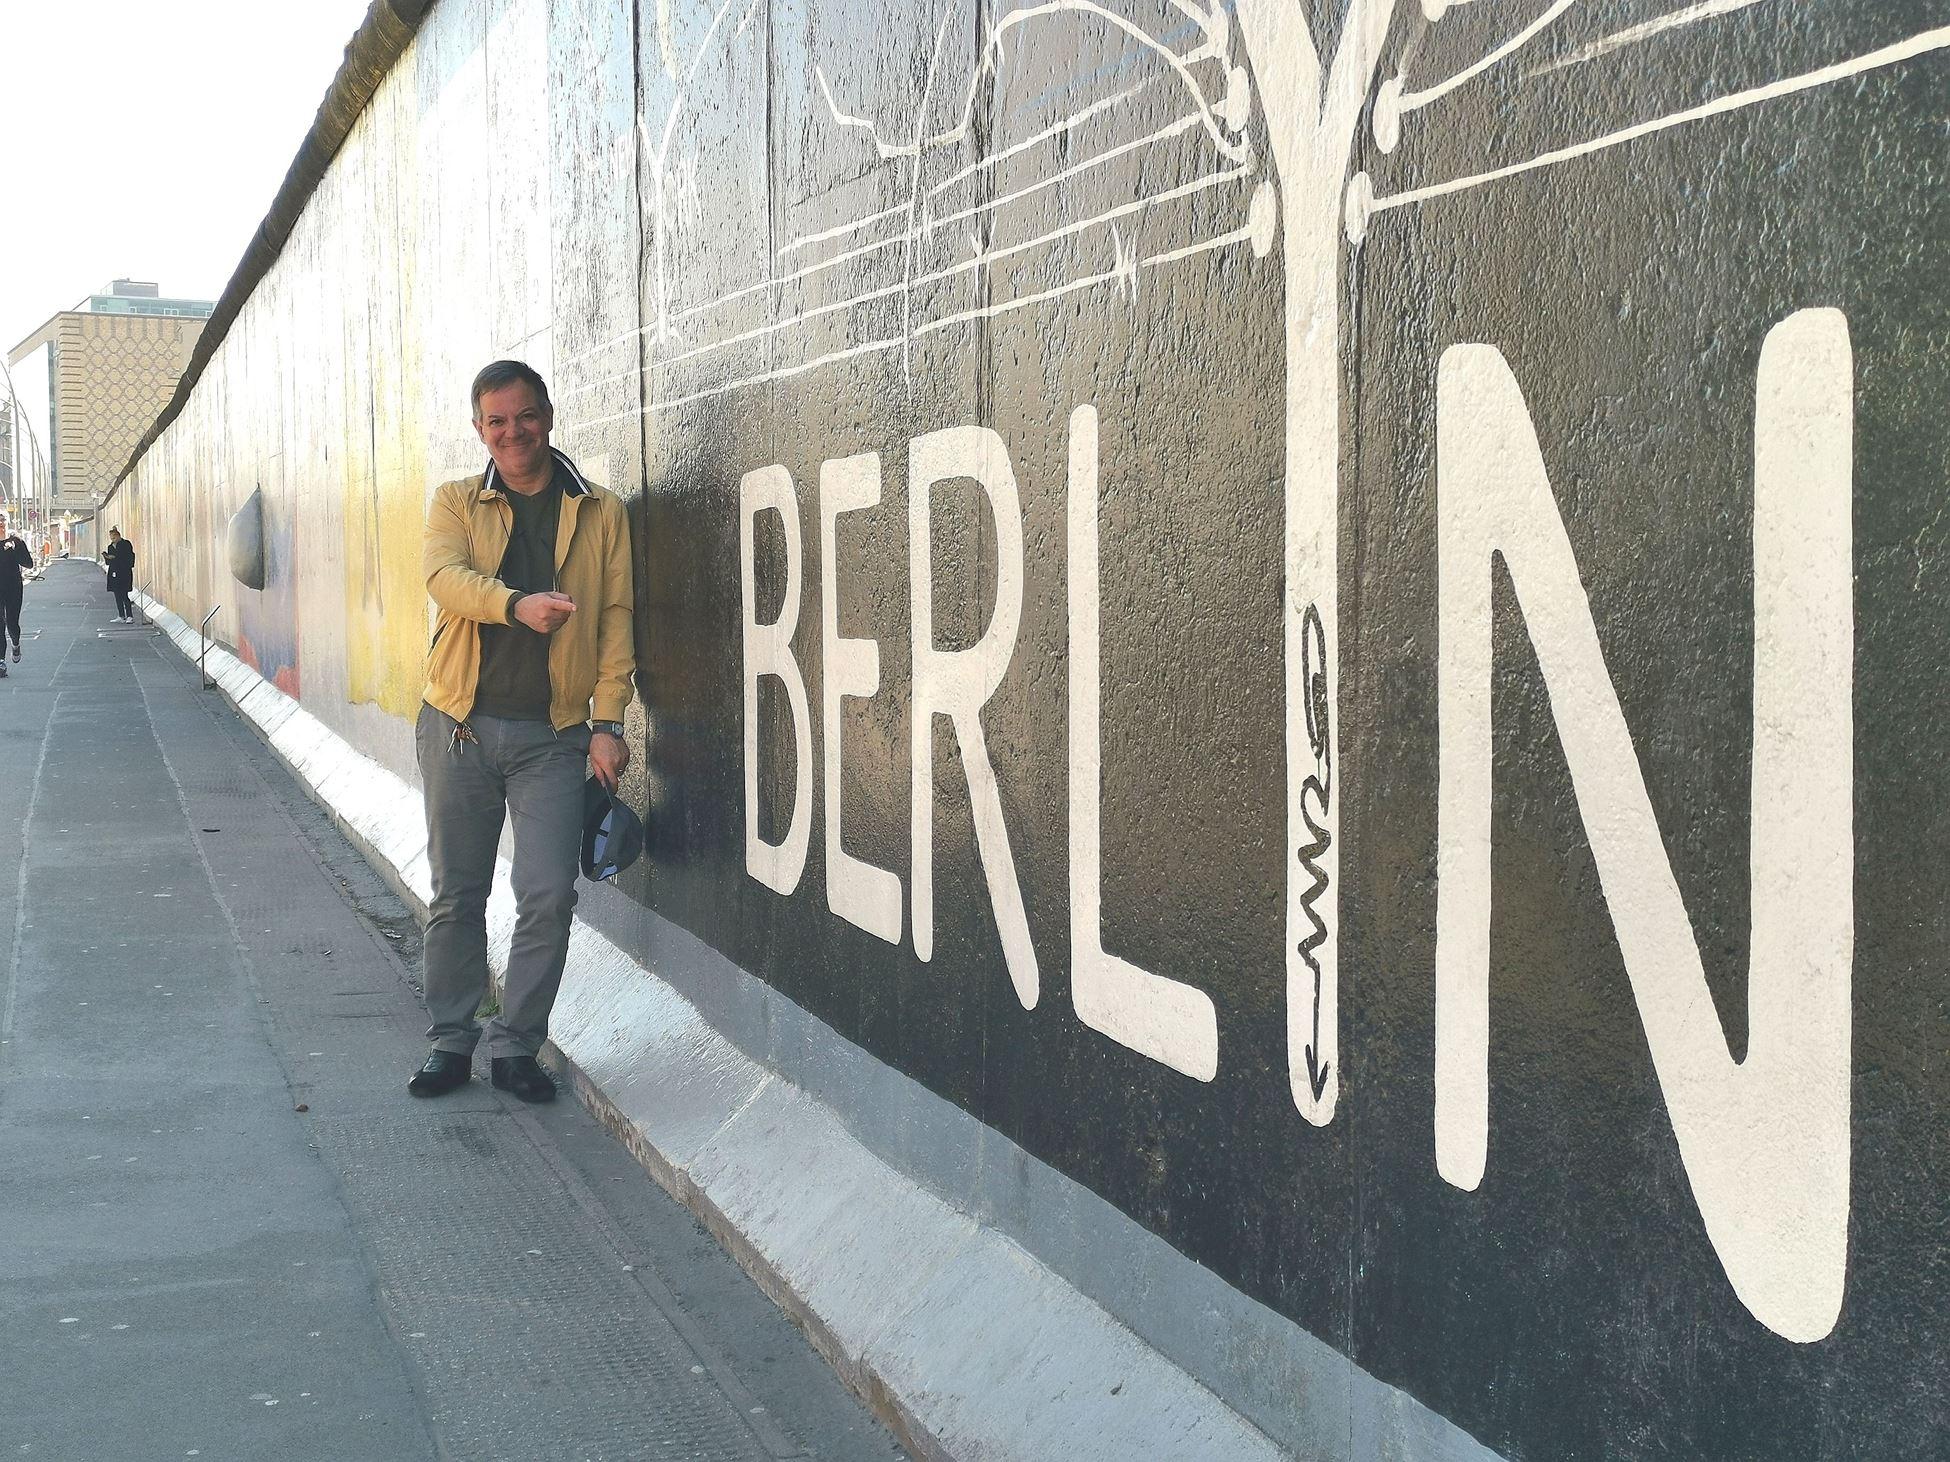 Stadtführung Berlin am Brandenburger Tor